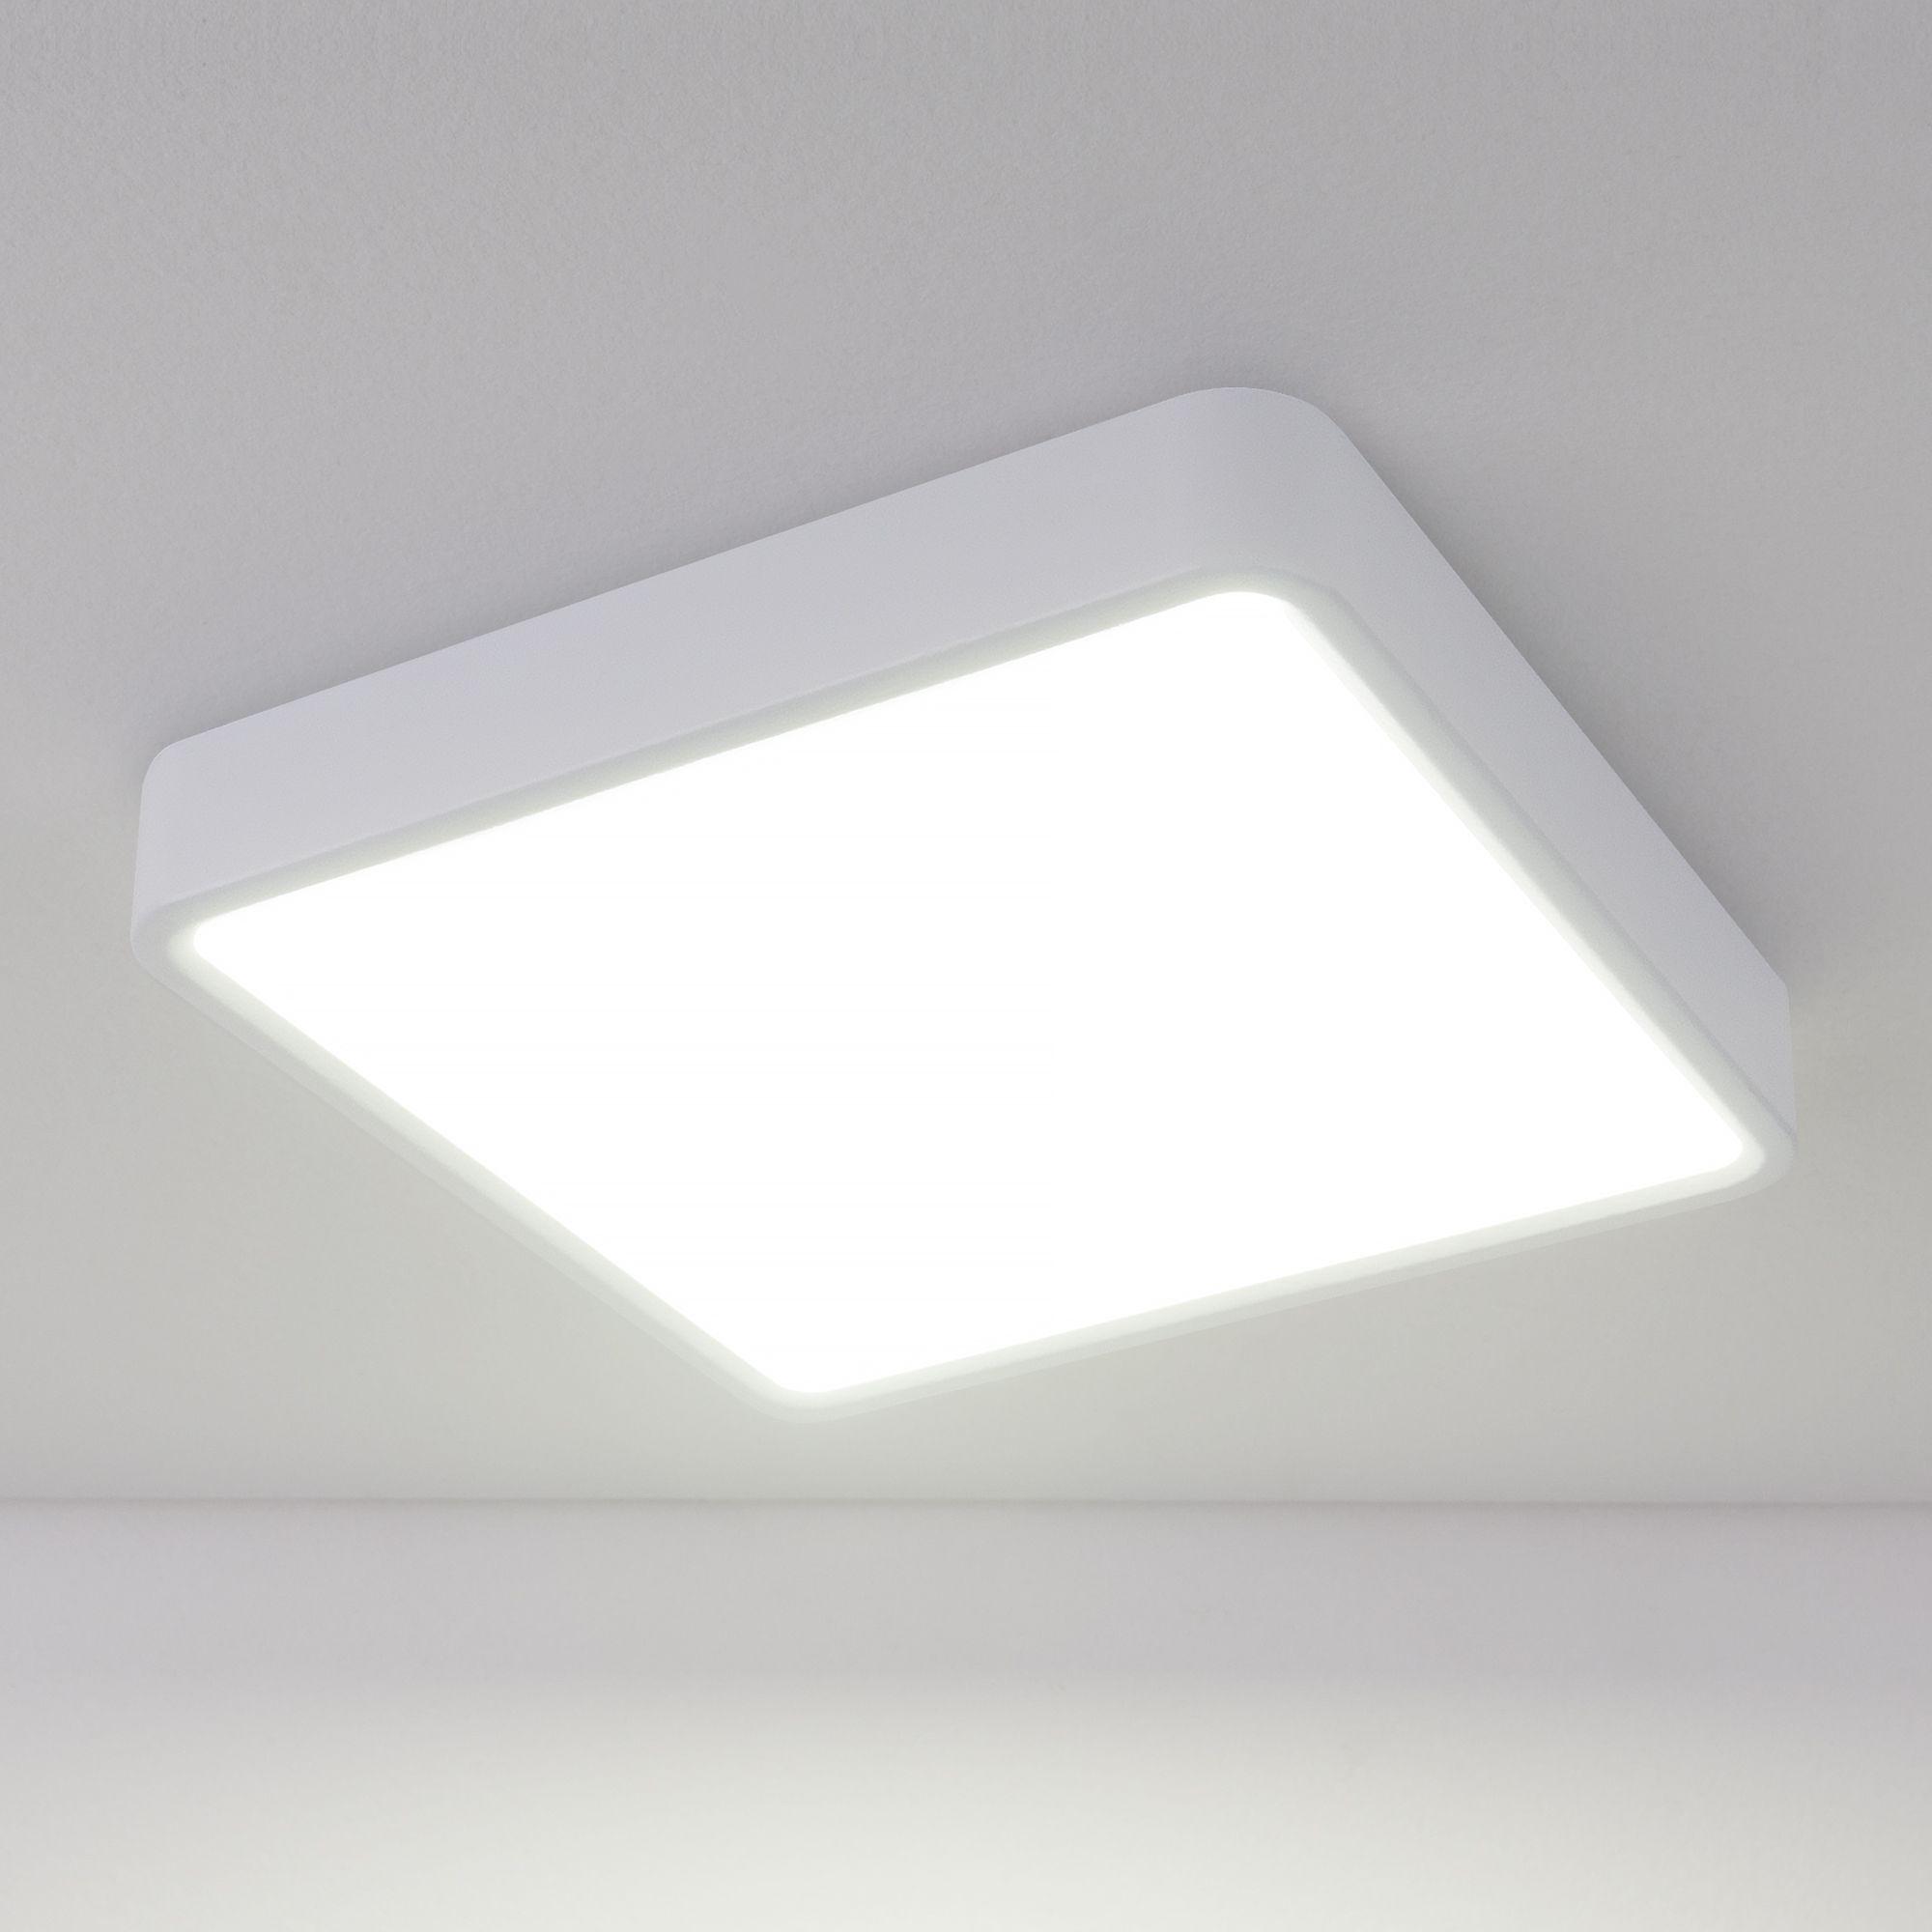 Накладной светодиодный светильник DLS034 18W 4200K